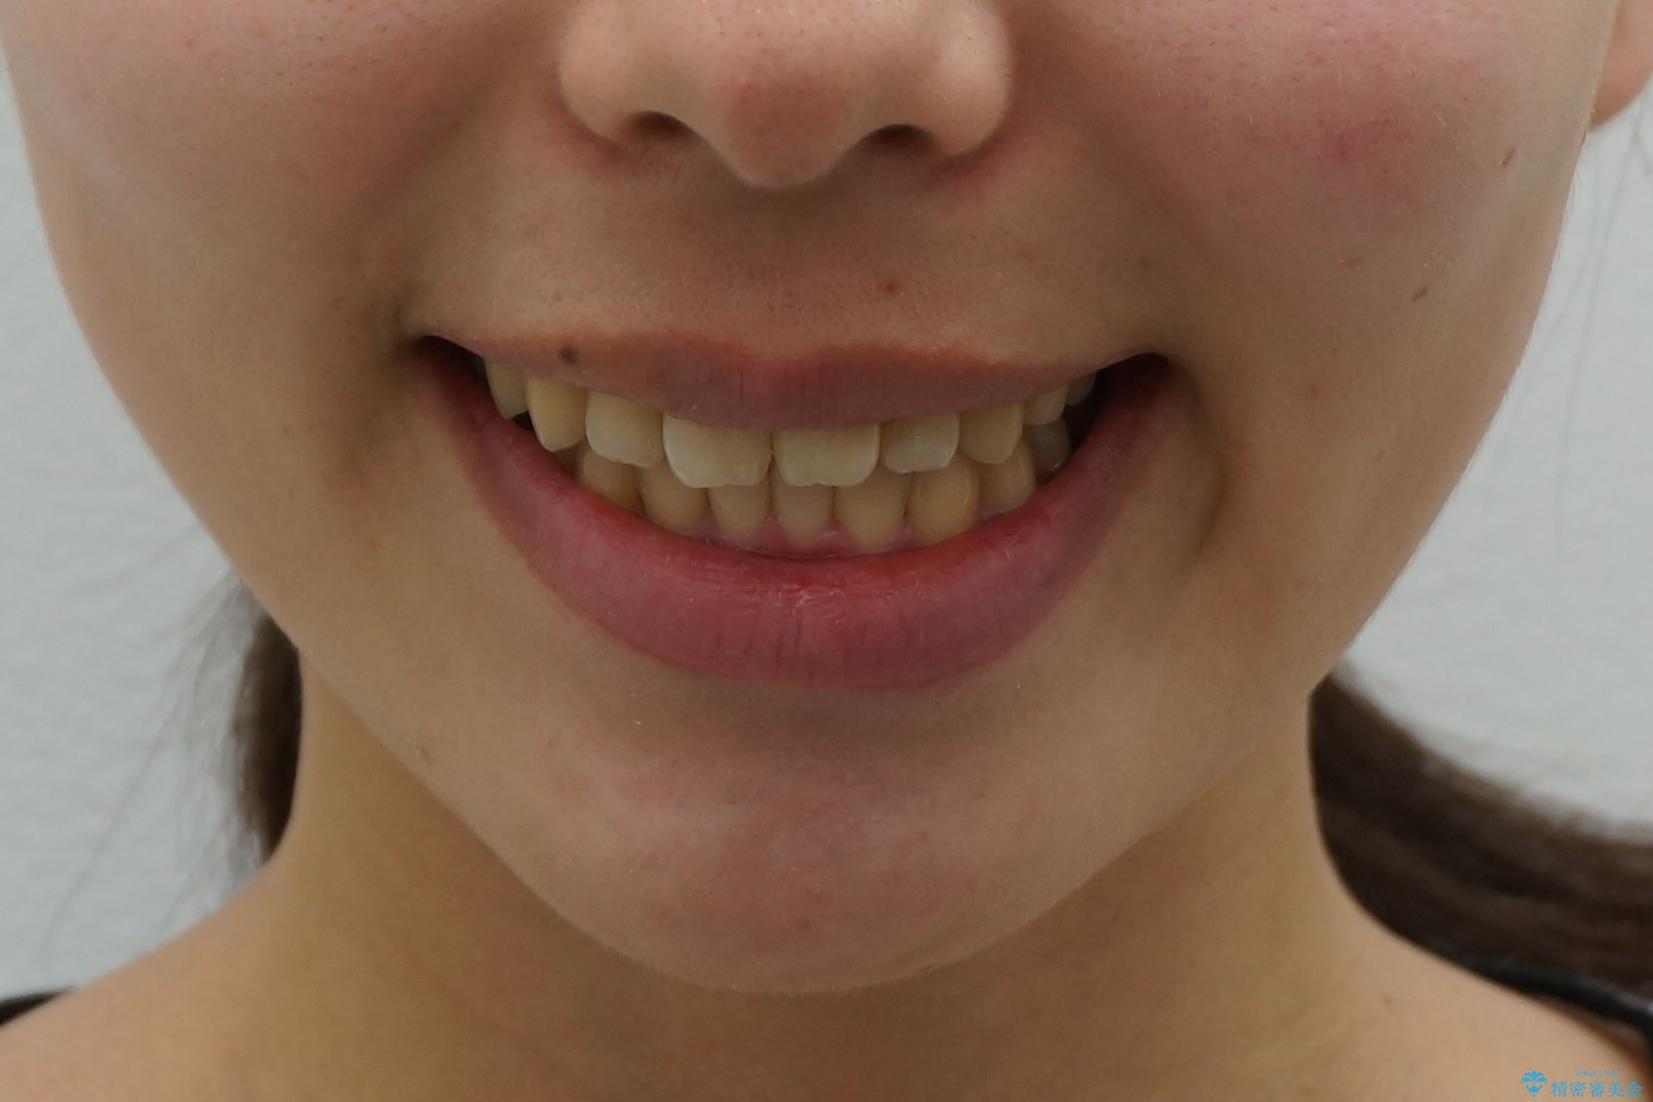 20代女性 前歯のねじれ・出っ歯 インビザラインで奥歯を下げて抜かずに治療の治療後(顔貌)